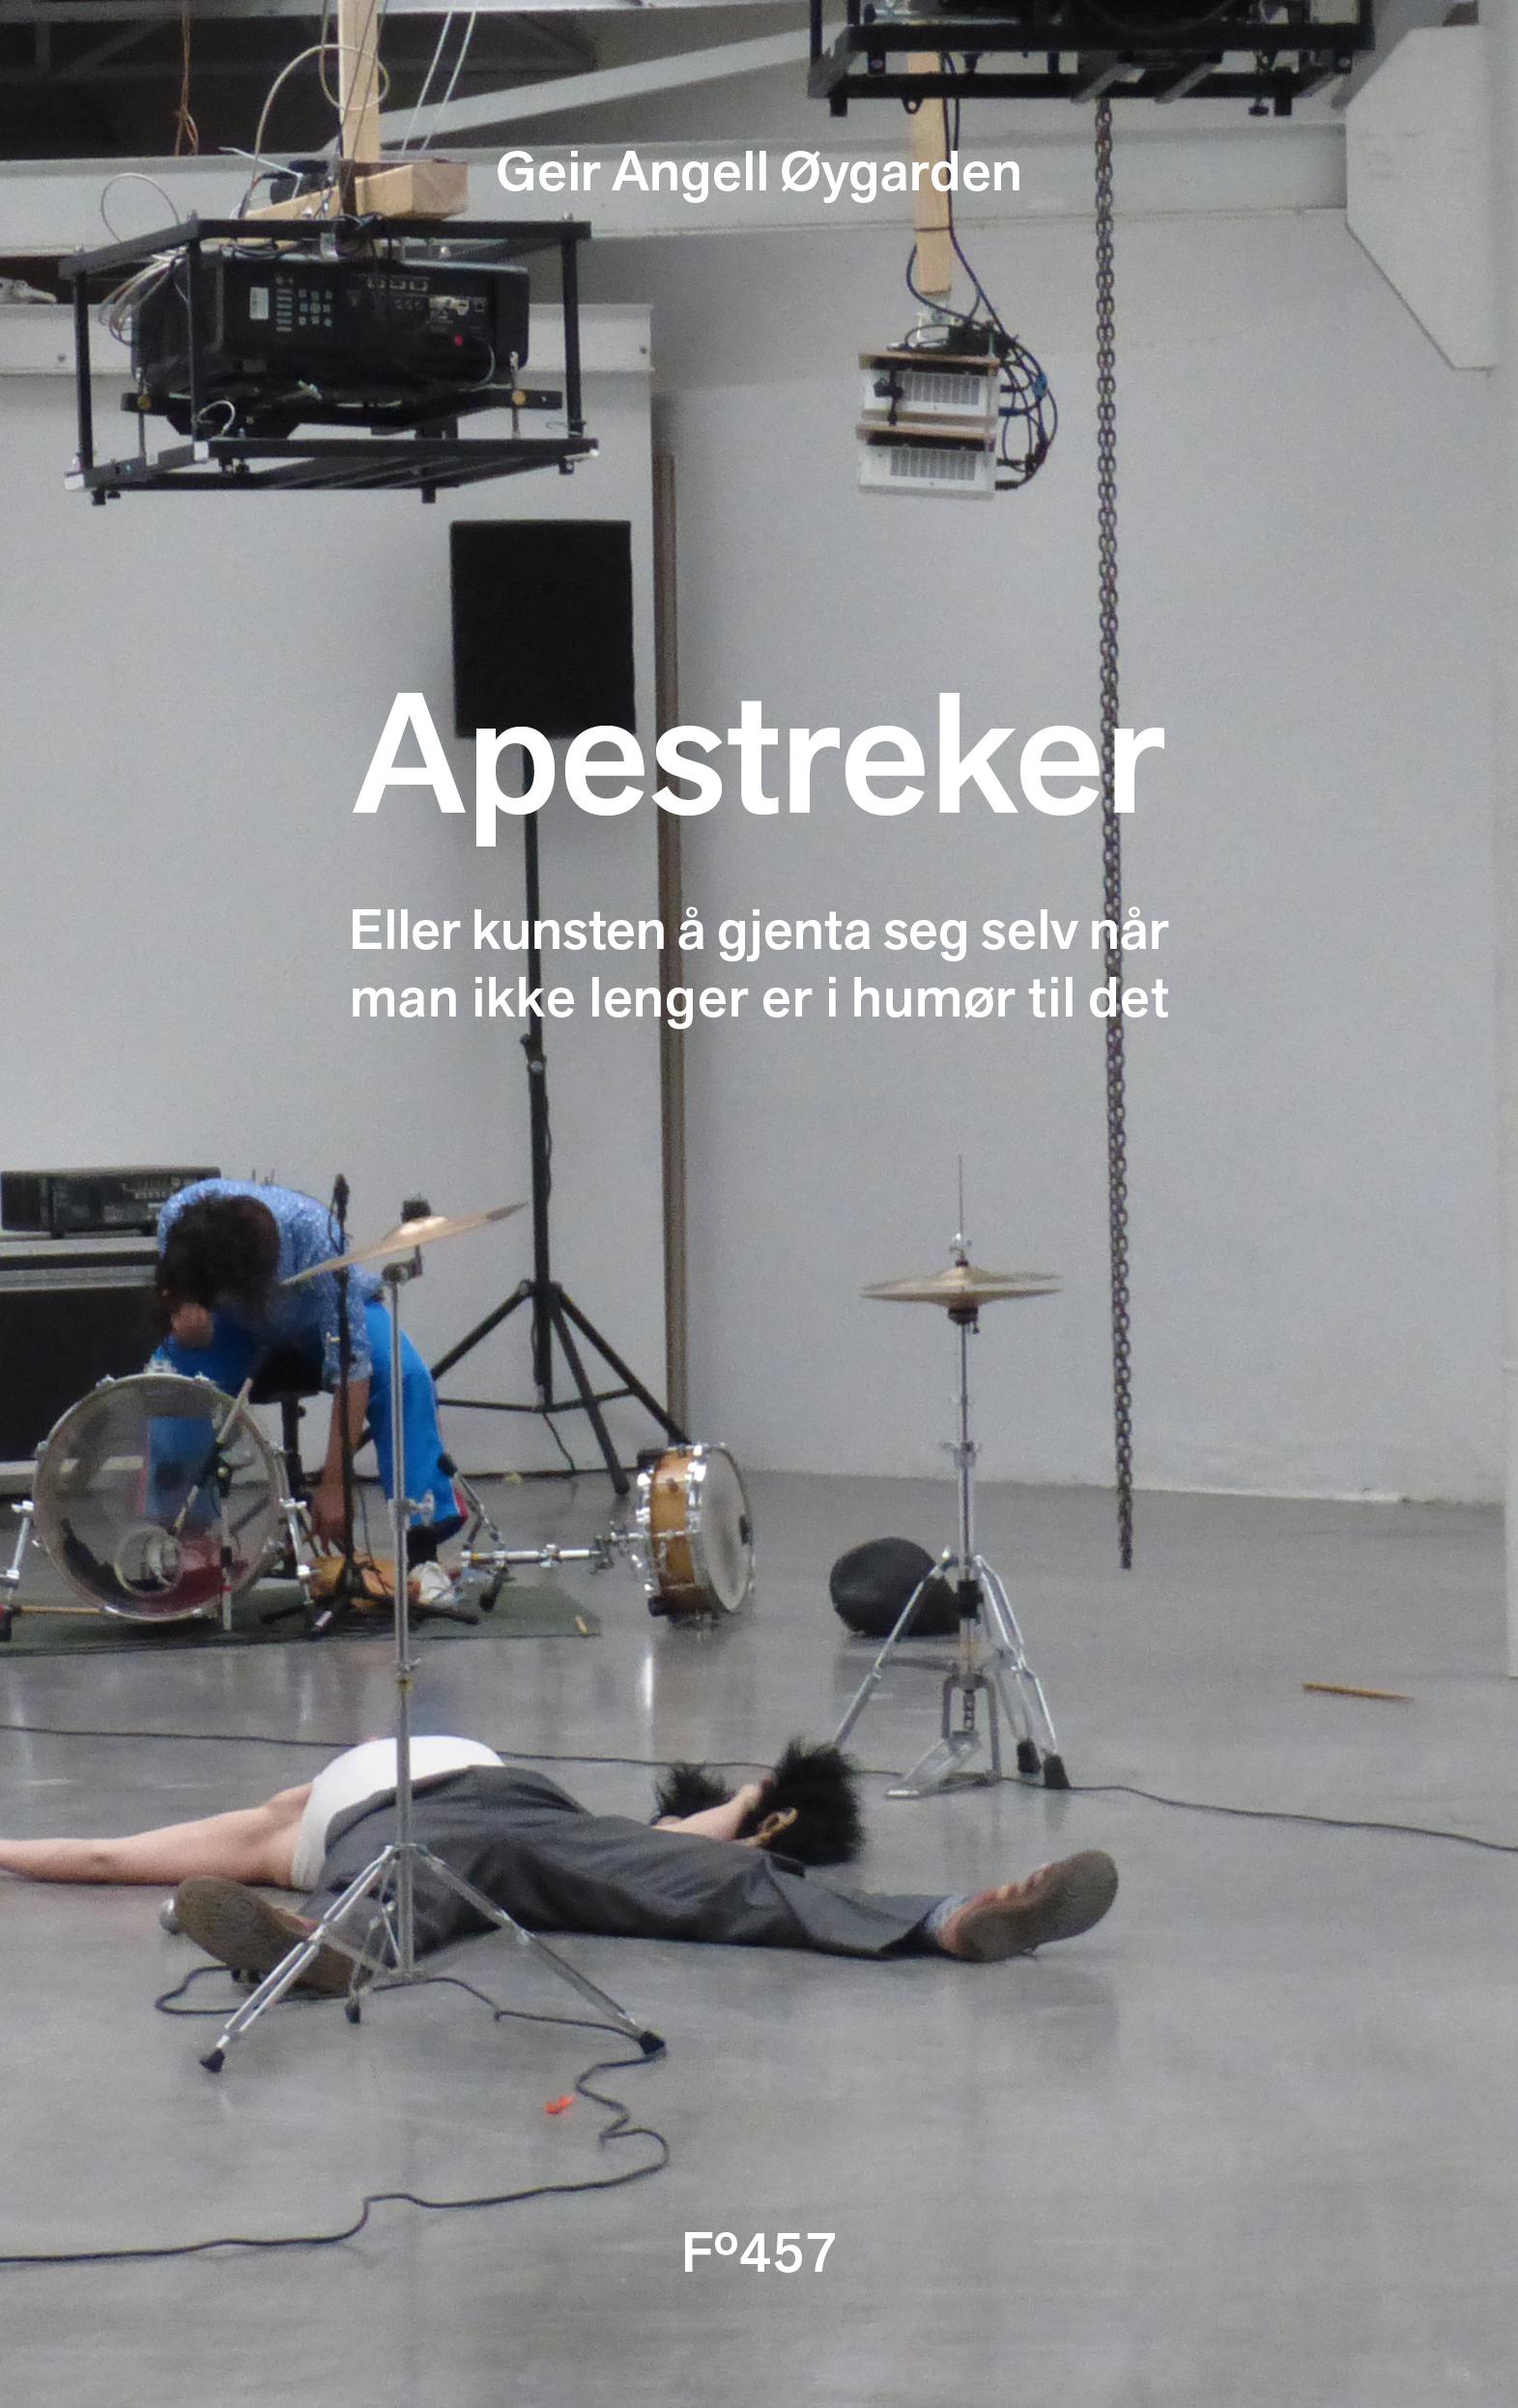 """""""Apestreker - eller kunsten å gjenta seg selv når man ikke lenger er i humør til det"""" av Geir Angell Øygarden"""